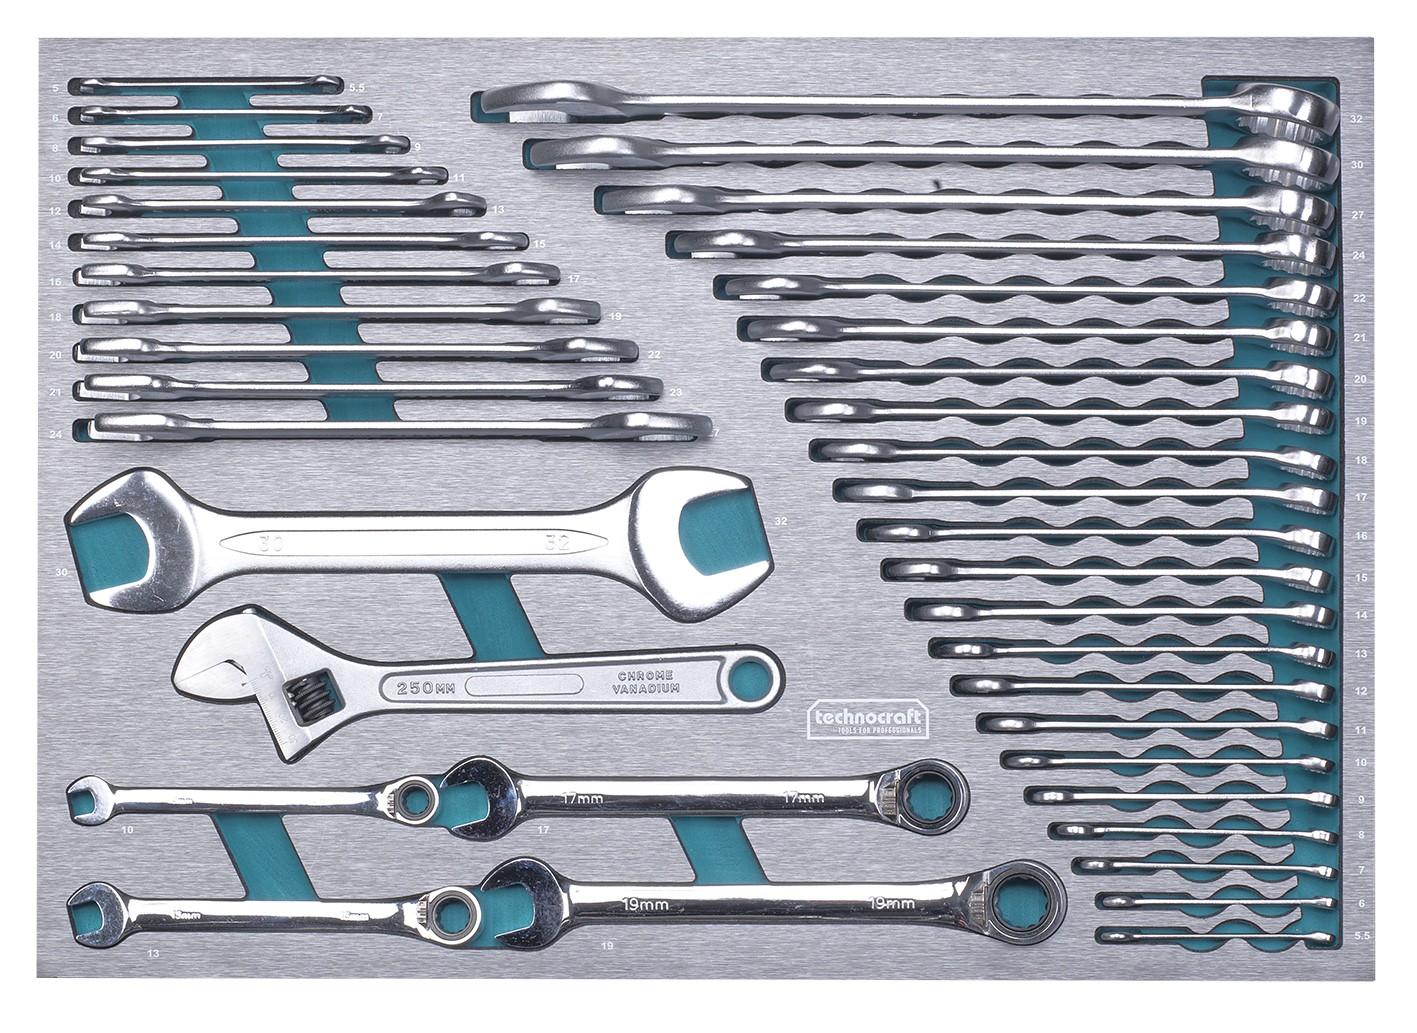 werkstattwagen swiss-team plus 743-tlg. mit knipex & pb swiss tools